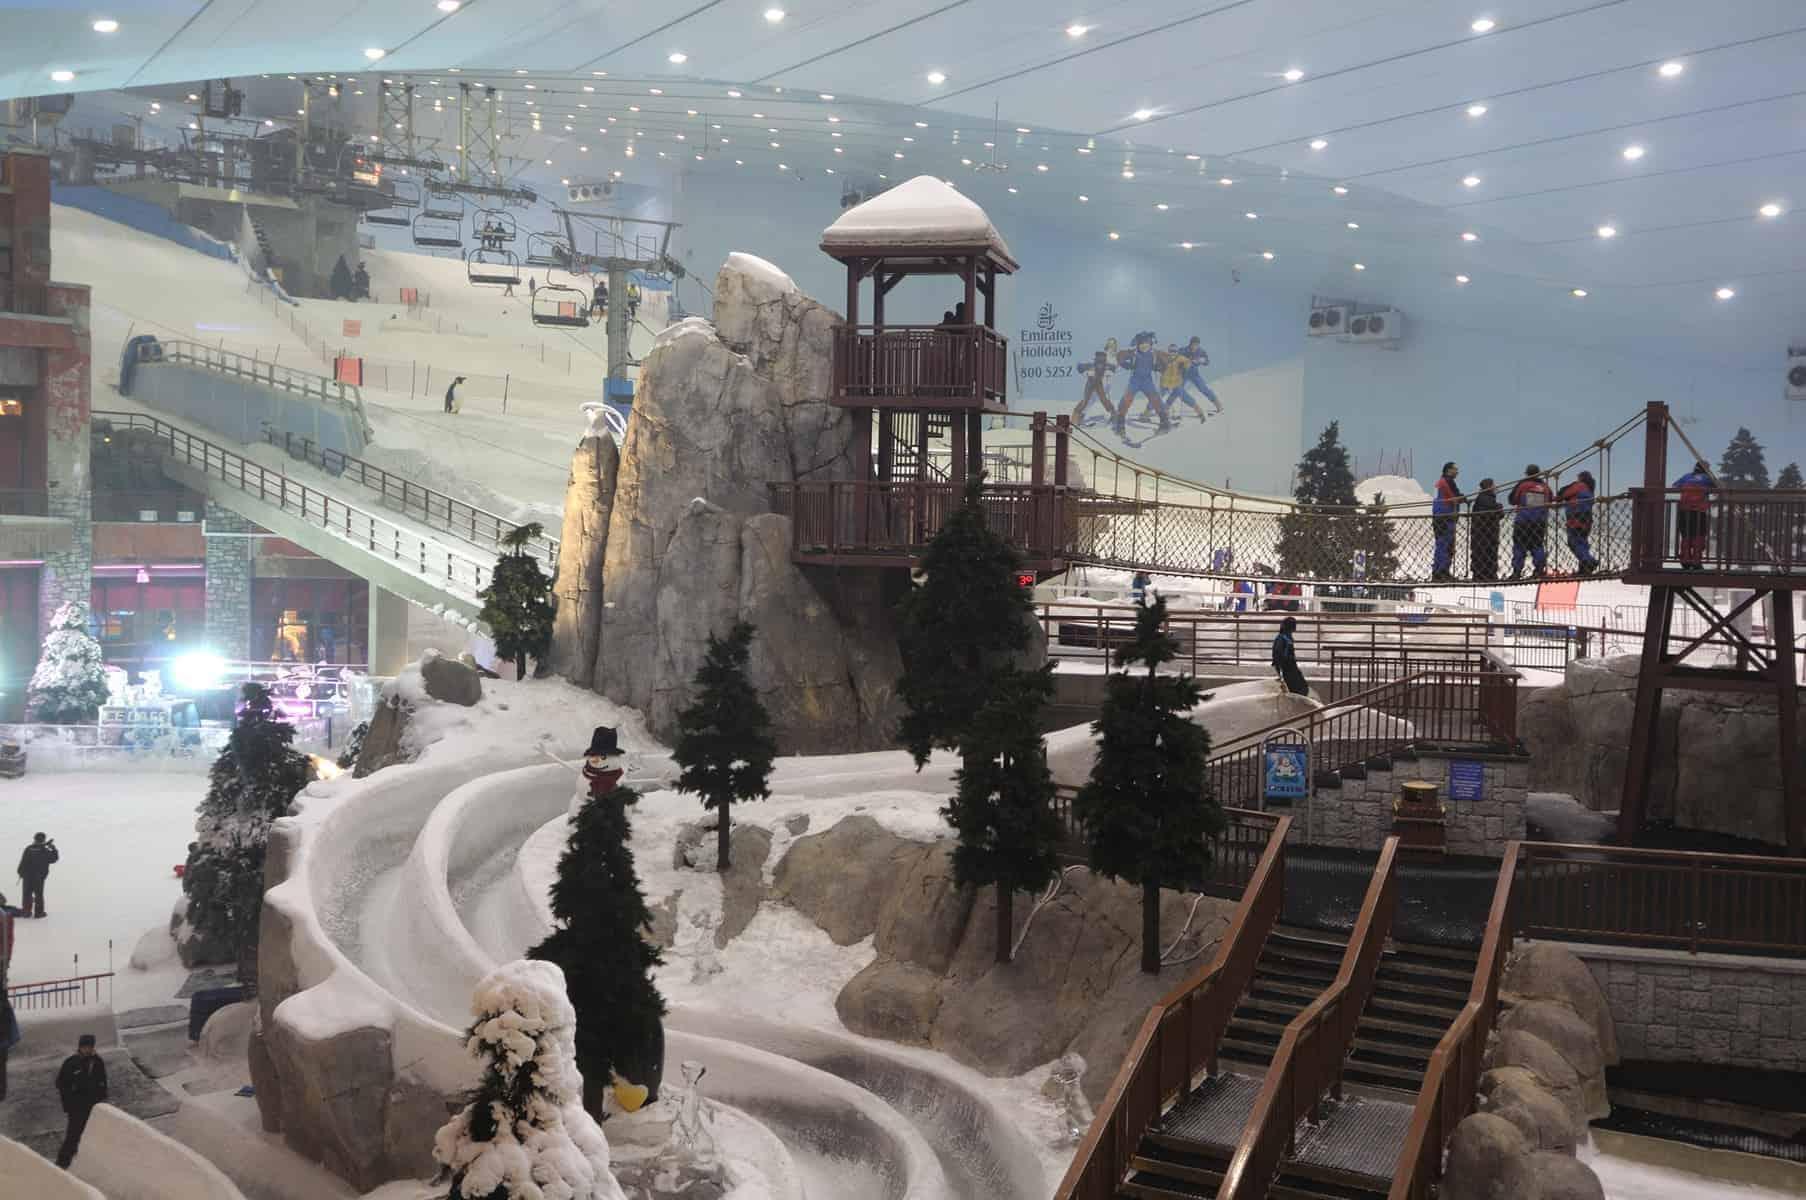 Ski Dubai in Mall of the Emirates, Dubai United Arab Emirates